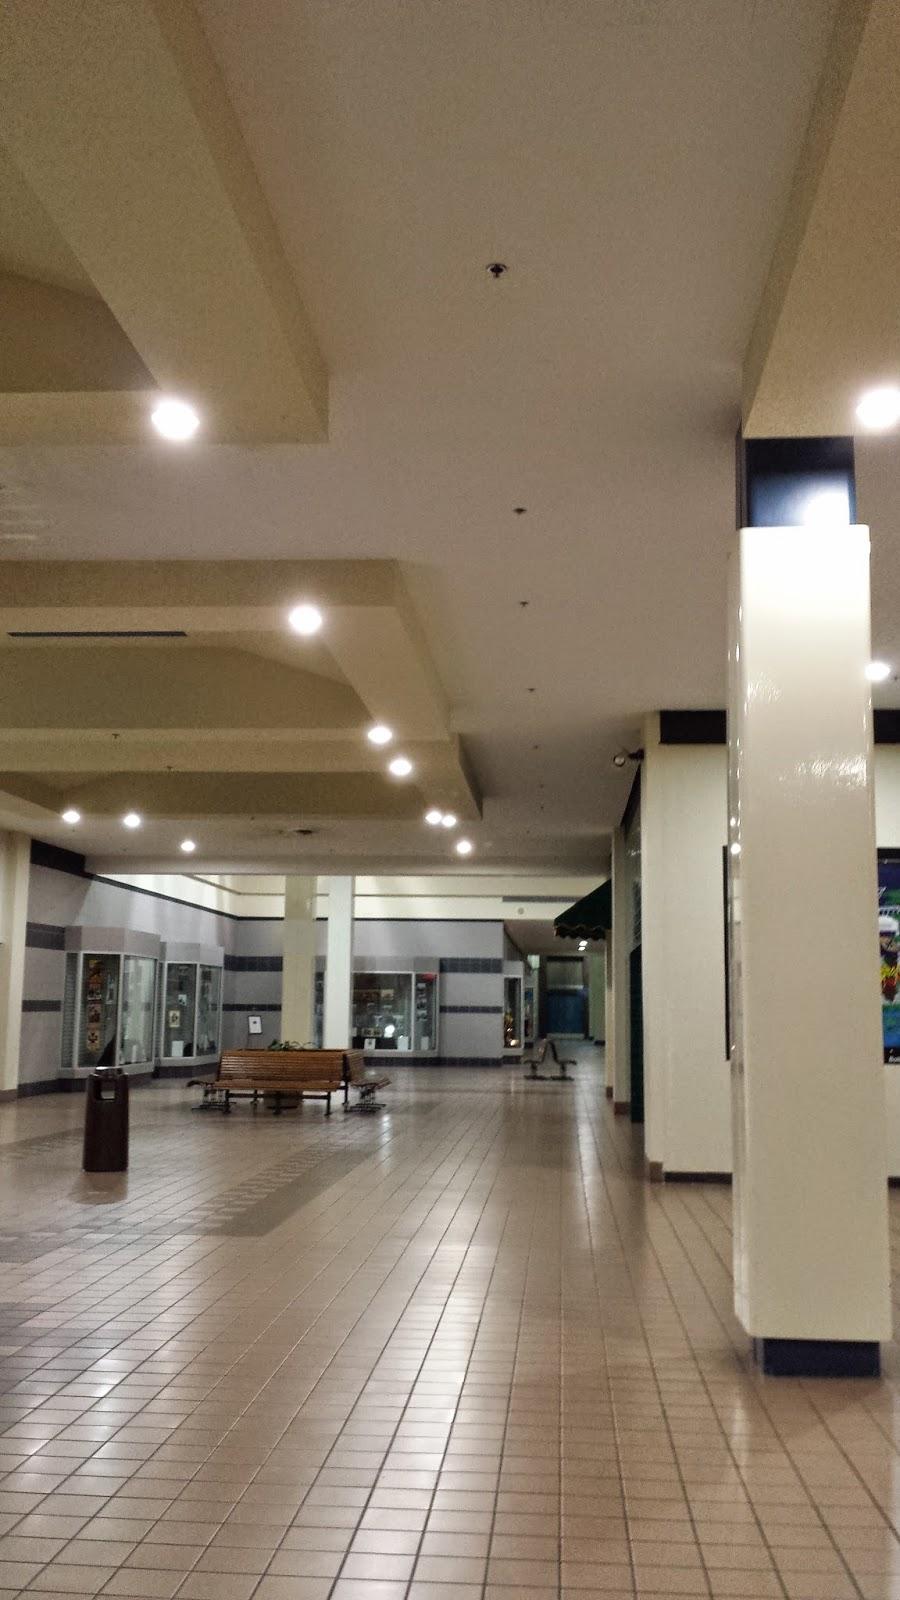 Alexandria Mall Stores : alexandria, stores, Louisiana, Texas, Retail, Blogspot:, Alexandria